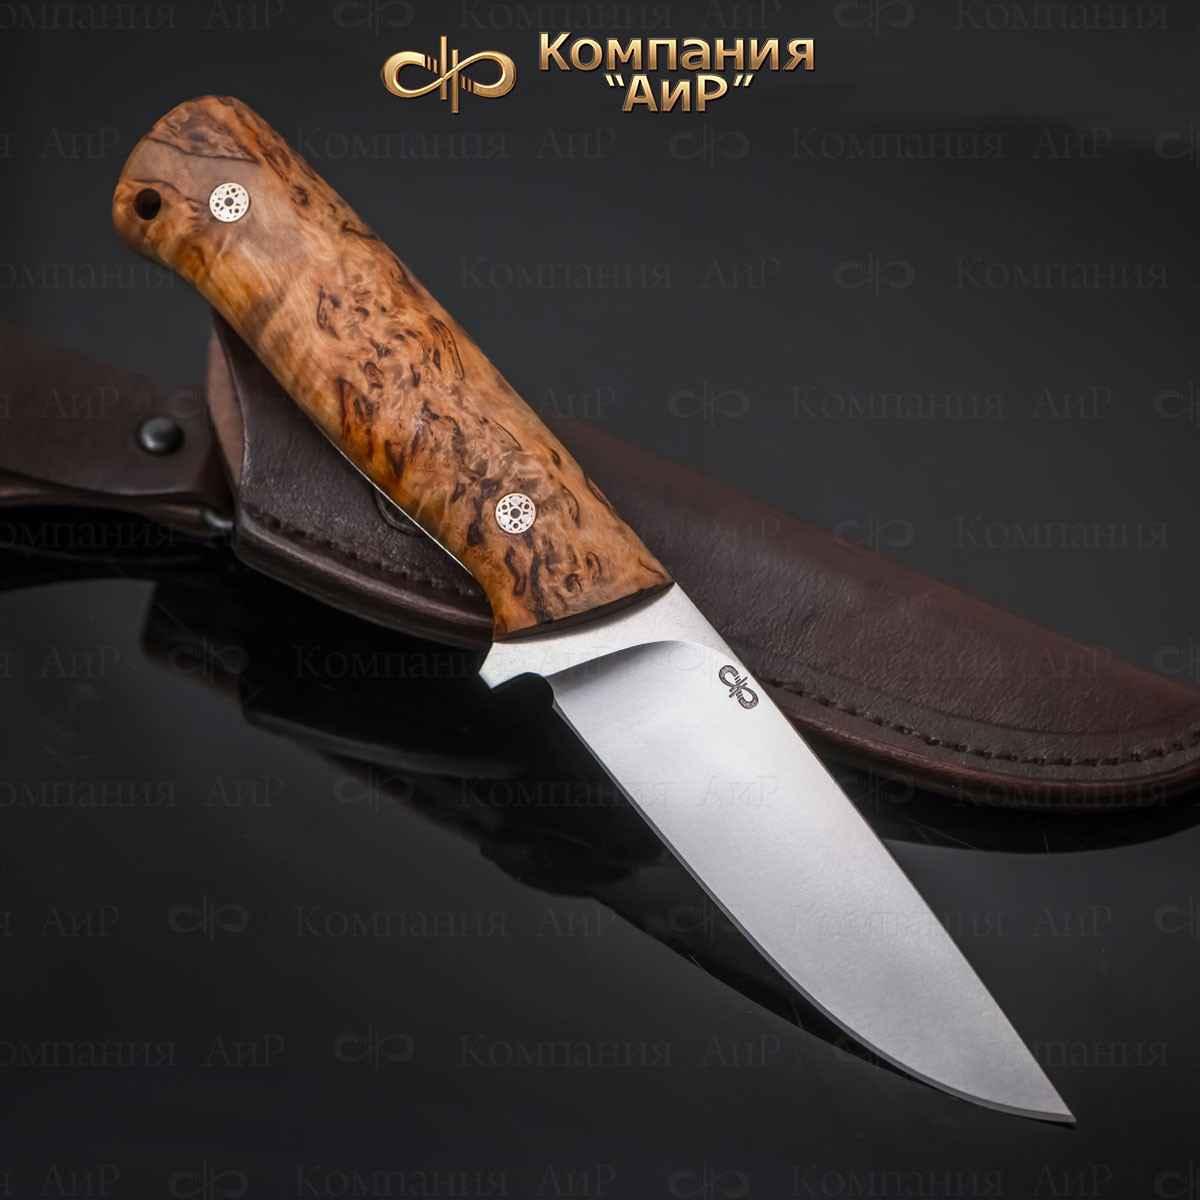 Нож разделочный АиР Стриж ЦМ, сталь М390, рукоять карельская береза нож разделочный стриж цм дерево 100х13м аир